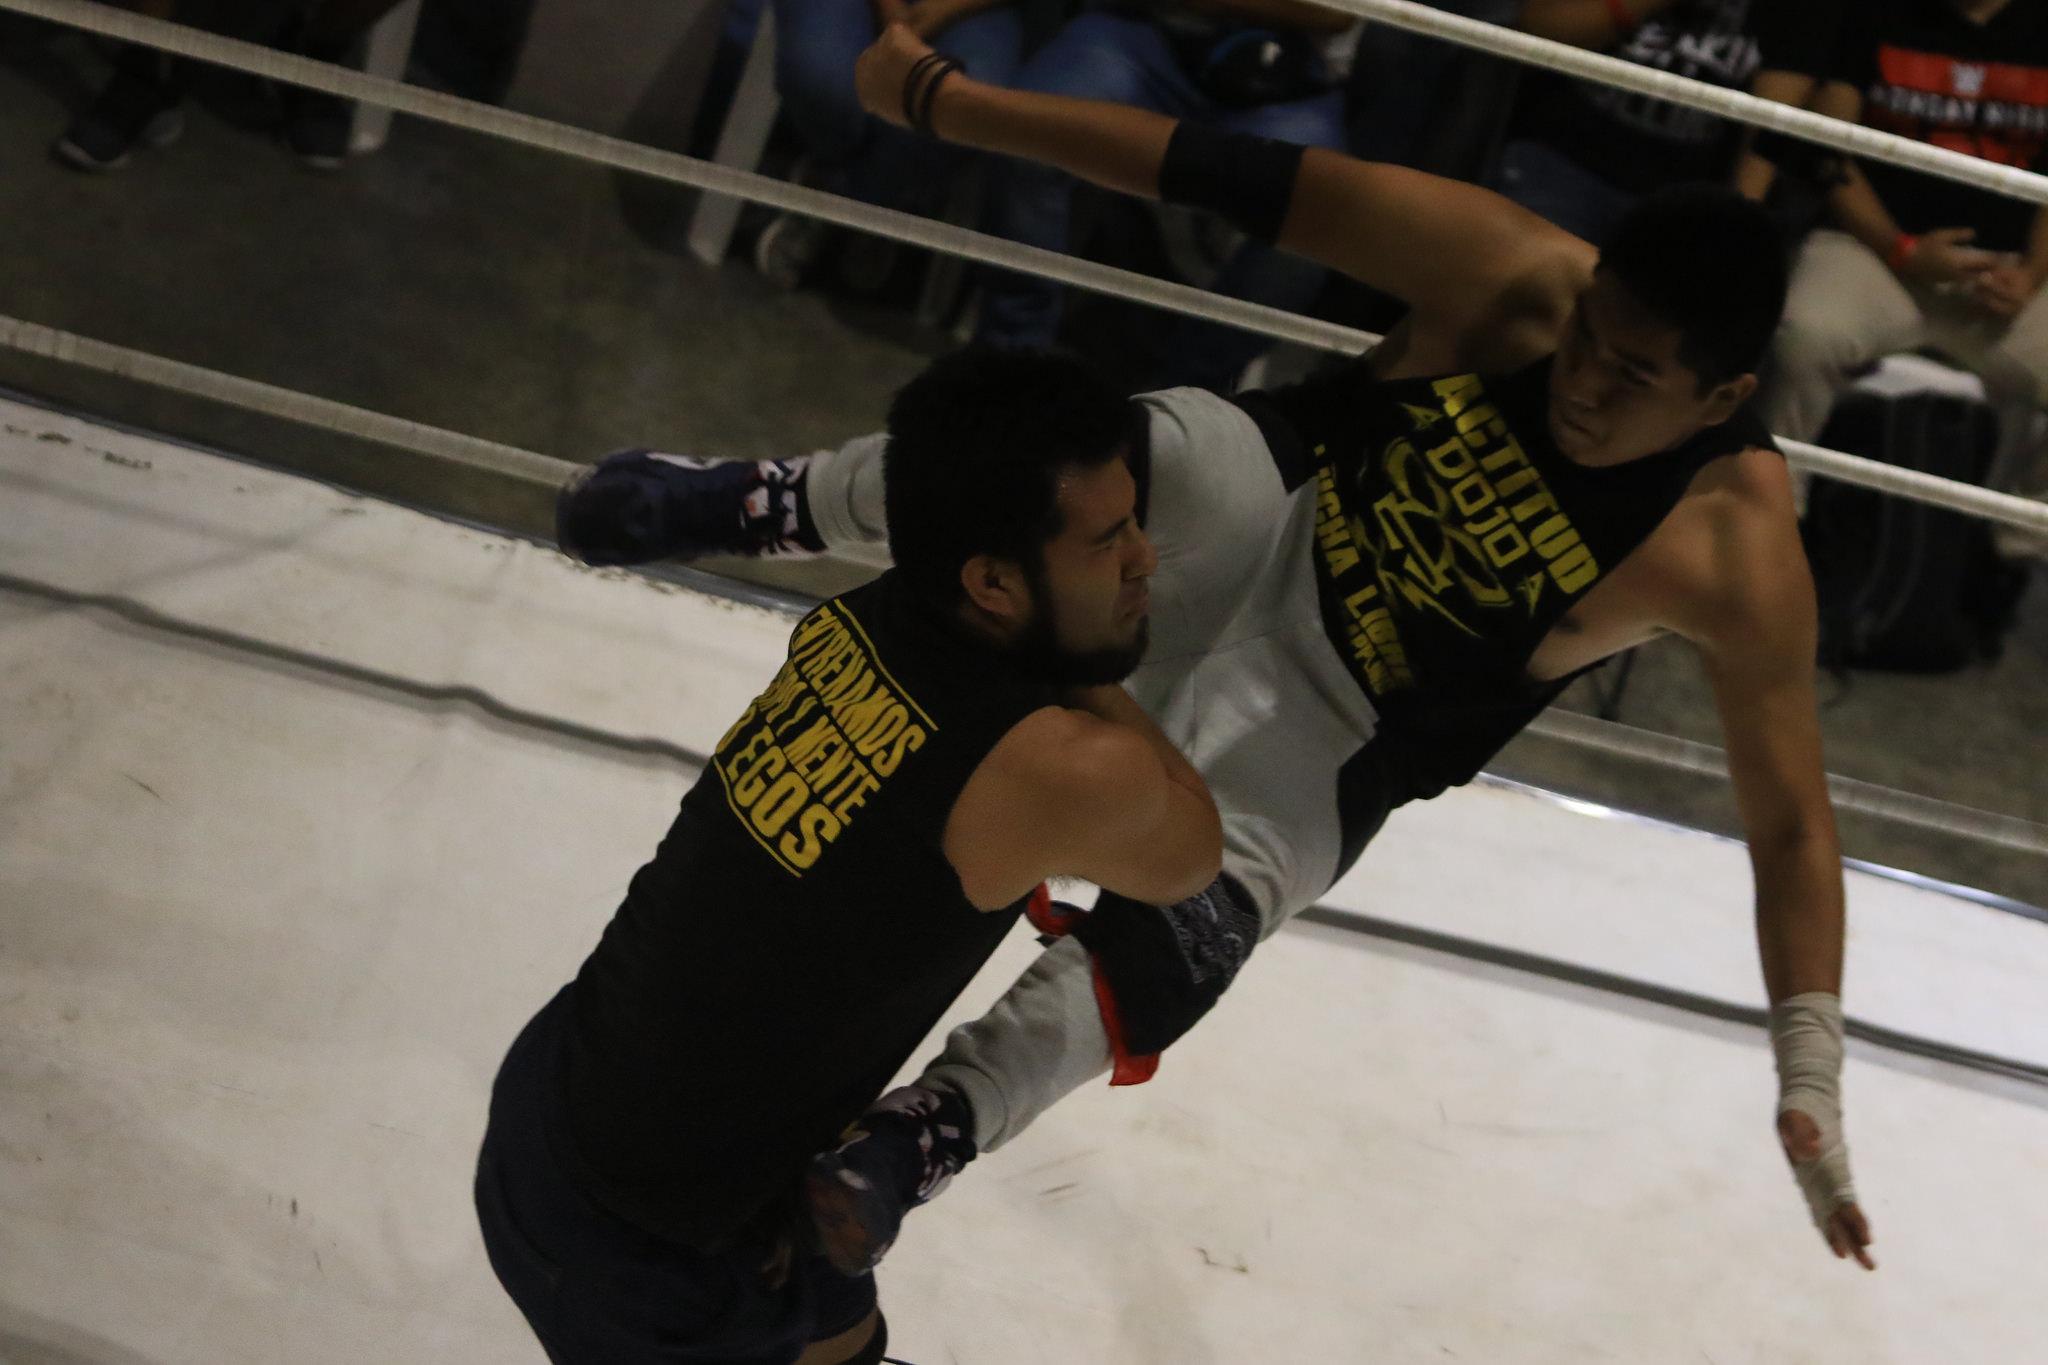 Escuela de Lucha Libre profesional